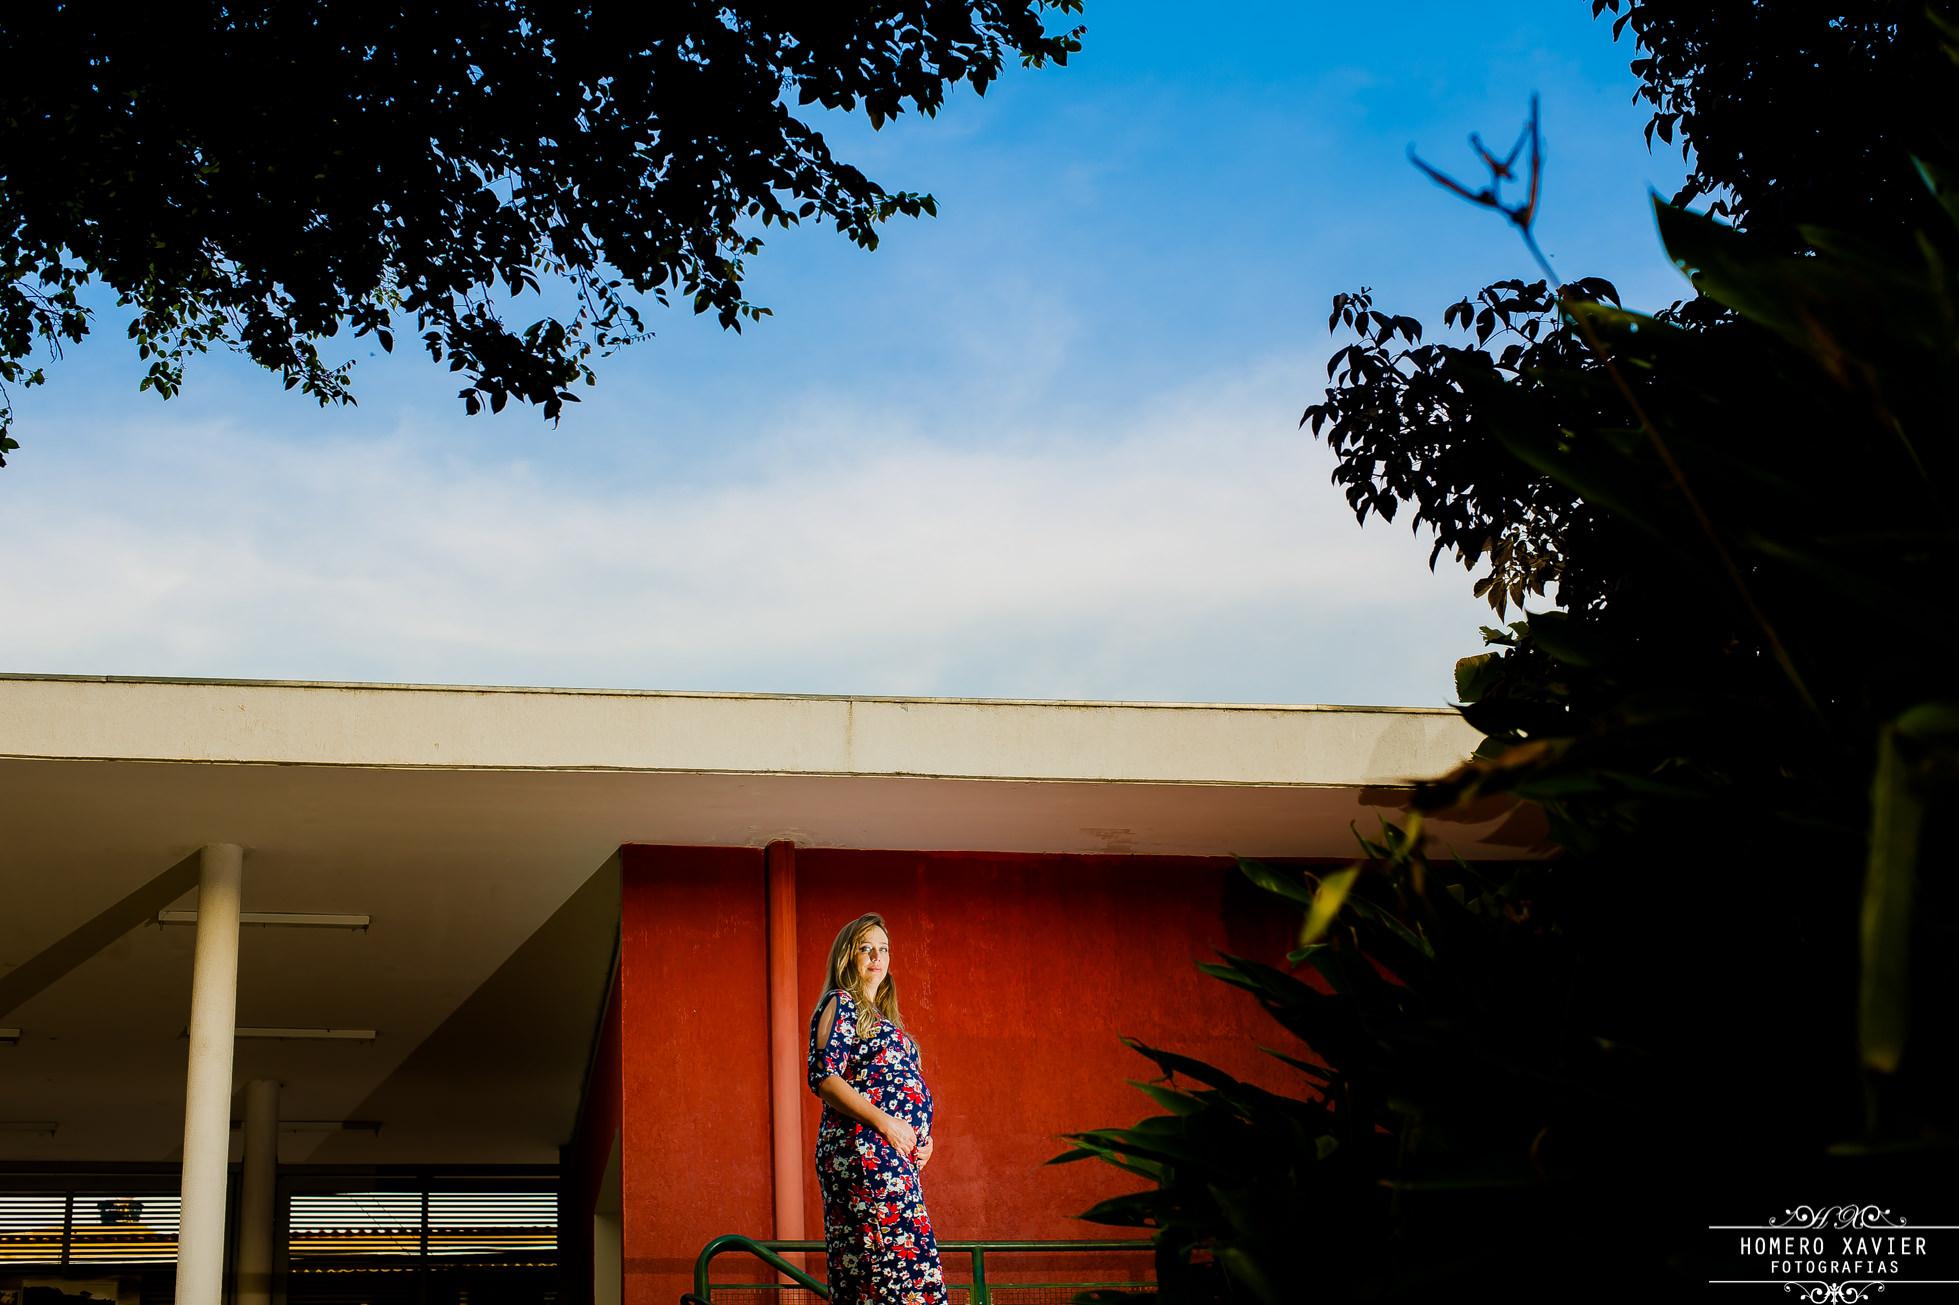 Book de gestante Parque Nossa Senhora da Piedade no bairro Aarão Reis